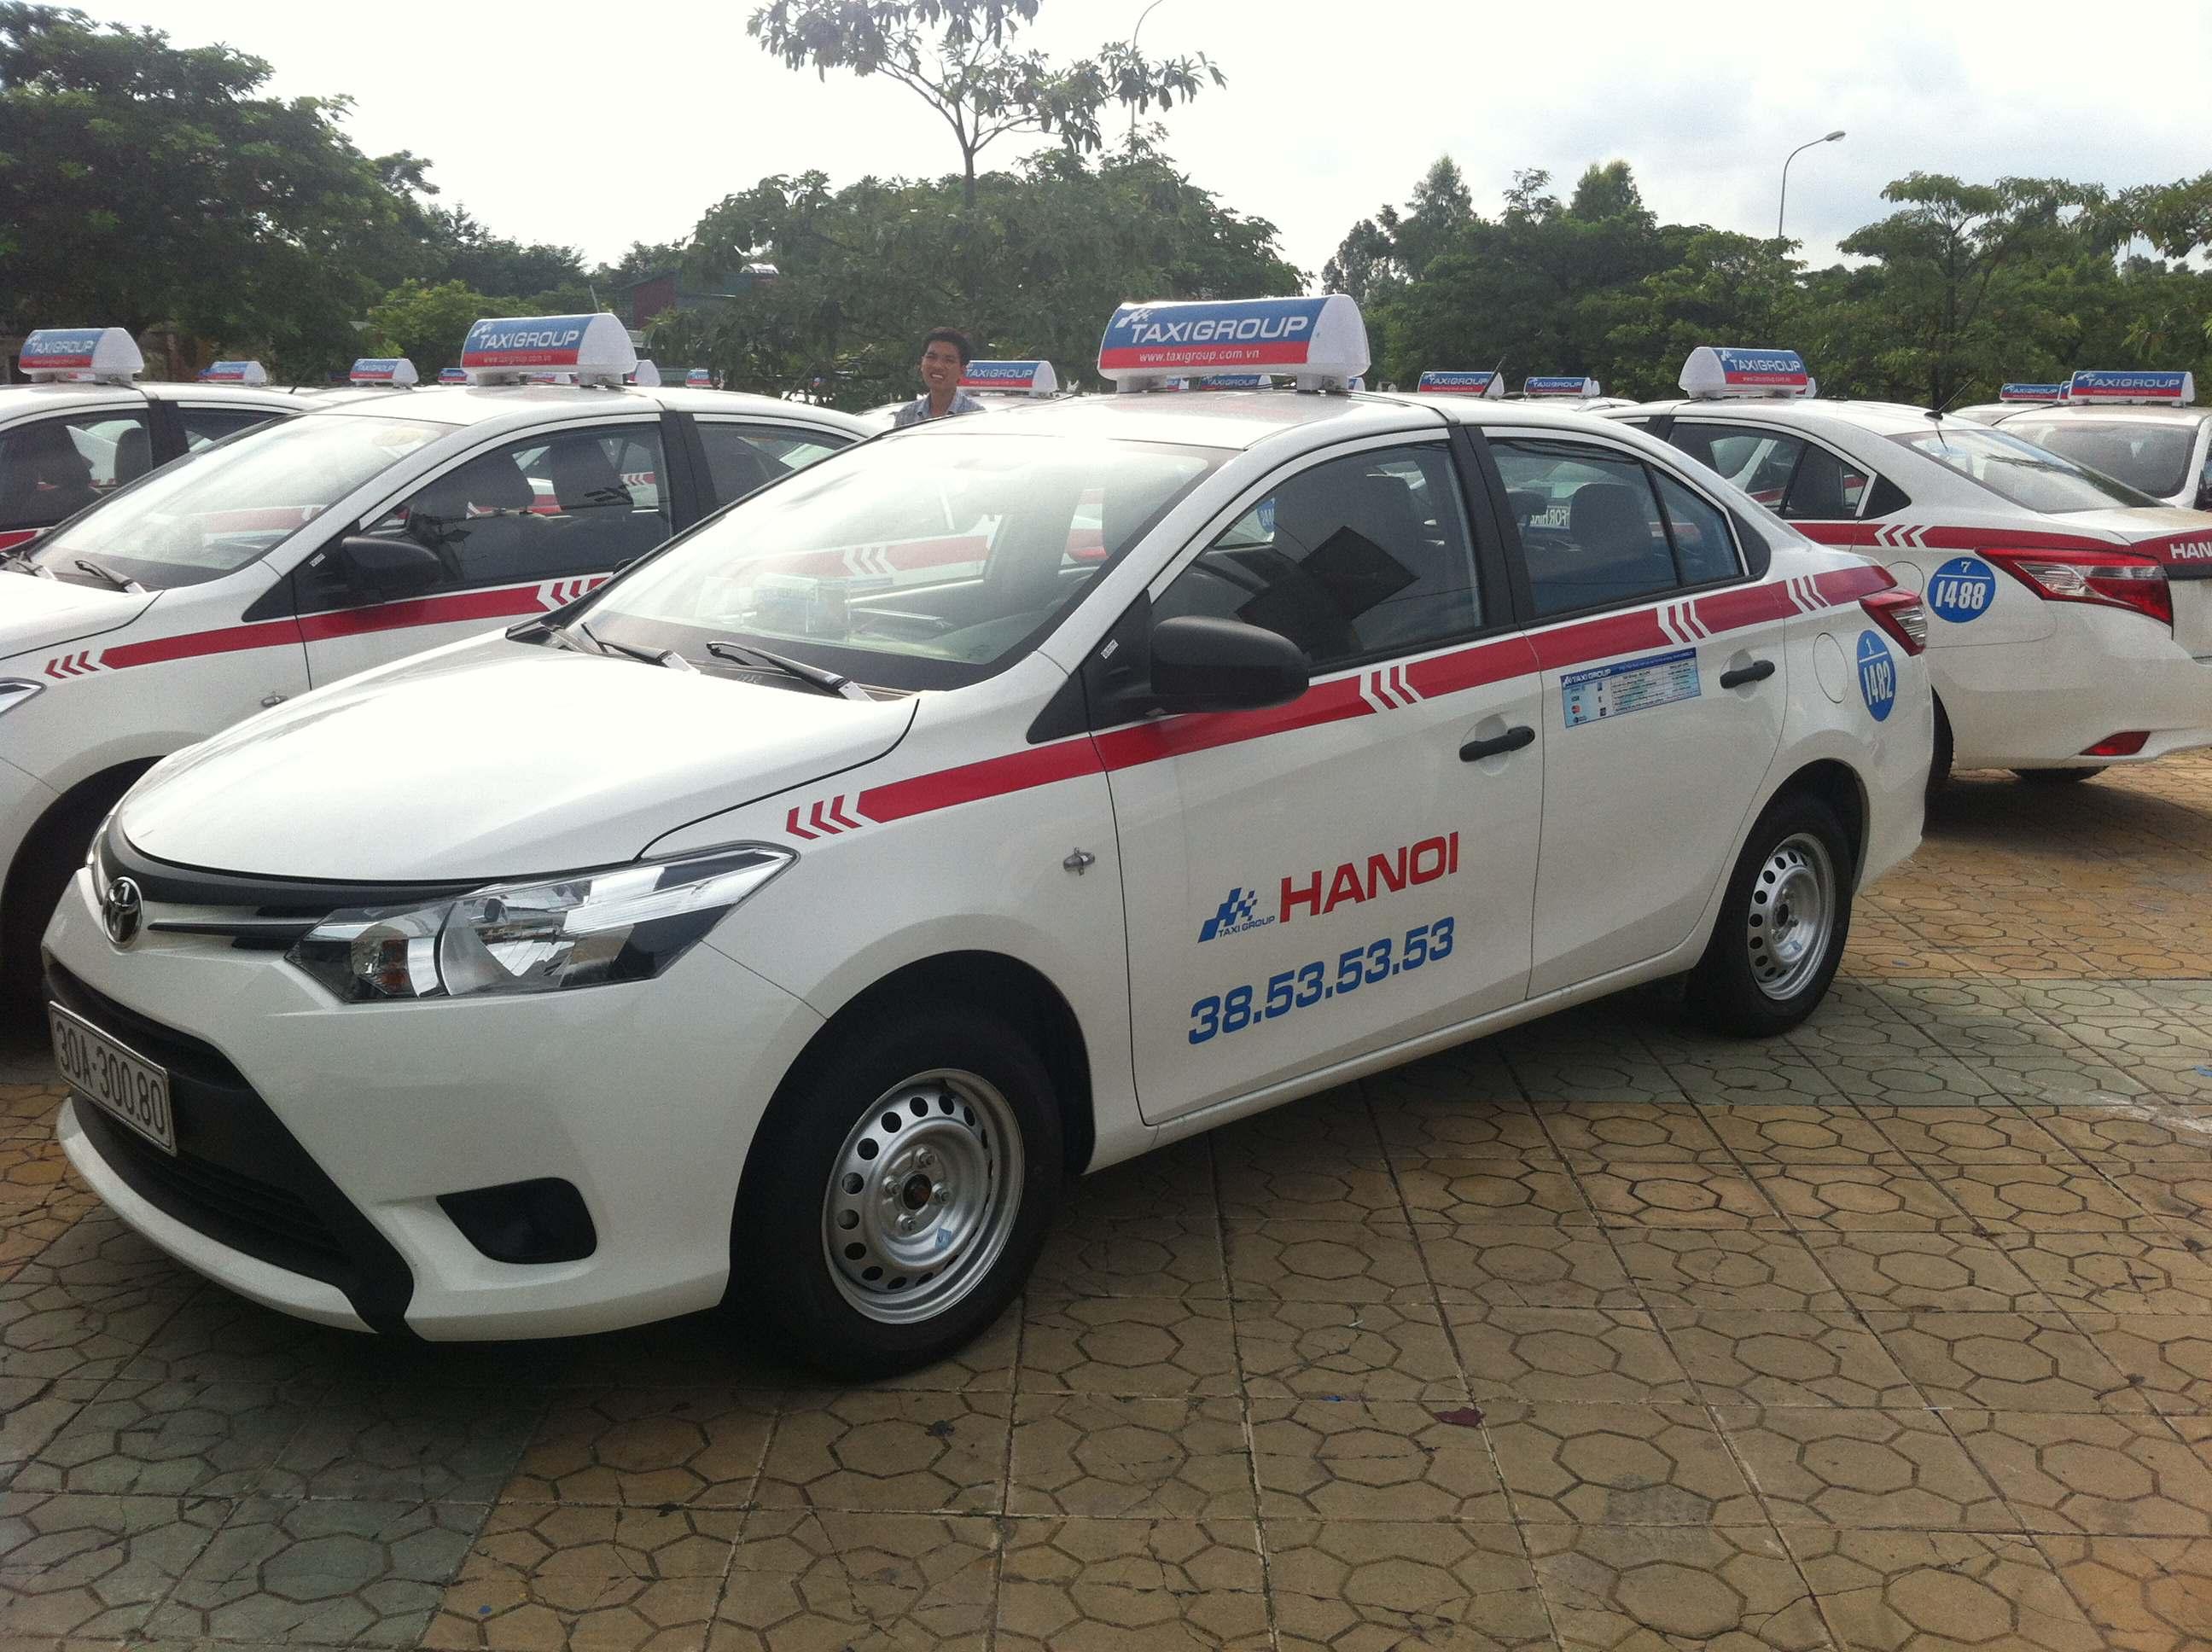 Tuyen lai xe Taxi Group - Taxi Group đưa xe Toyota Vios 2014 vào hoạt động